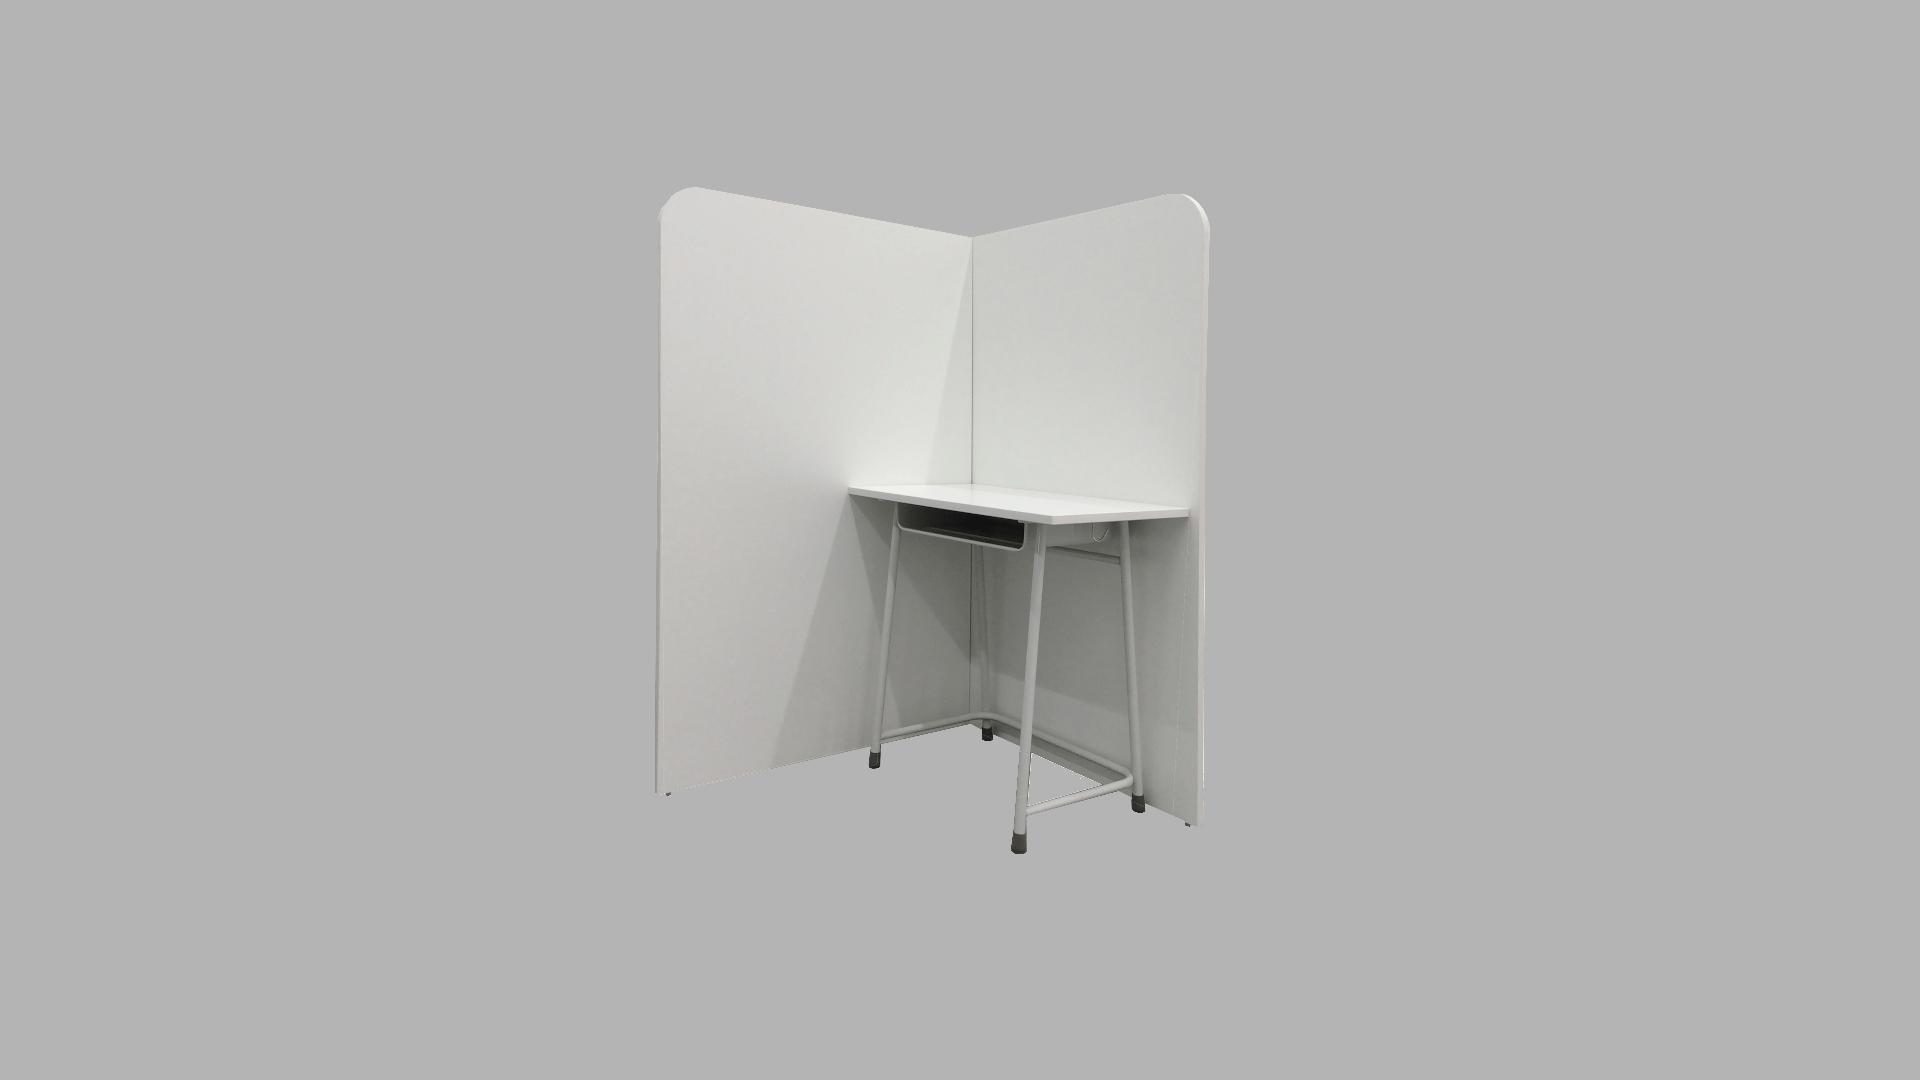 マグネット式ブース机 イメージ